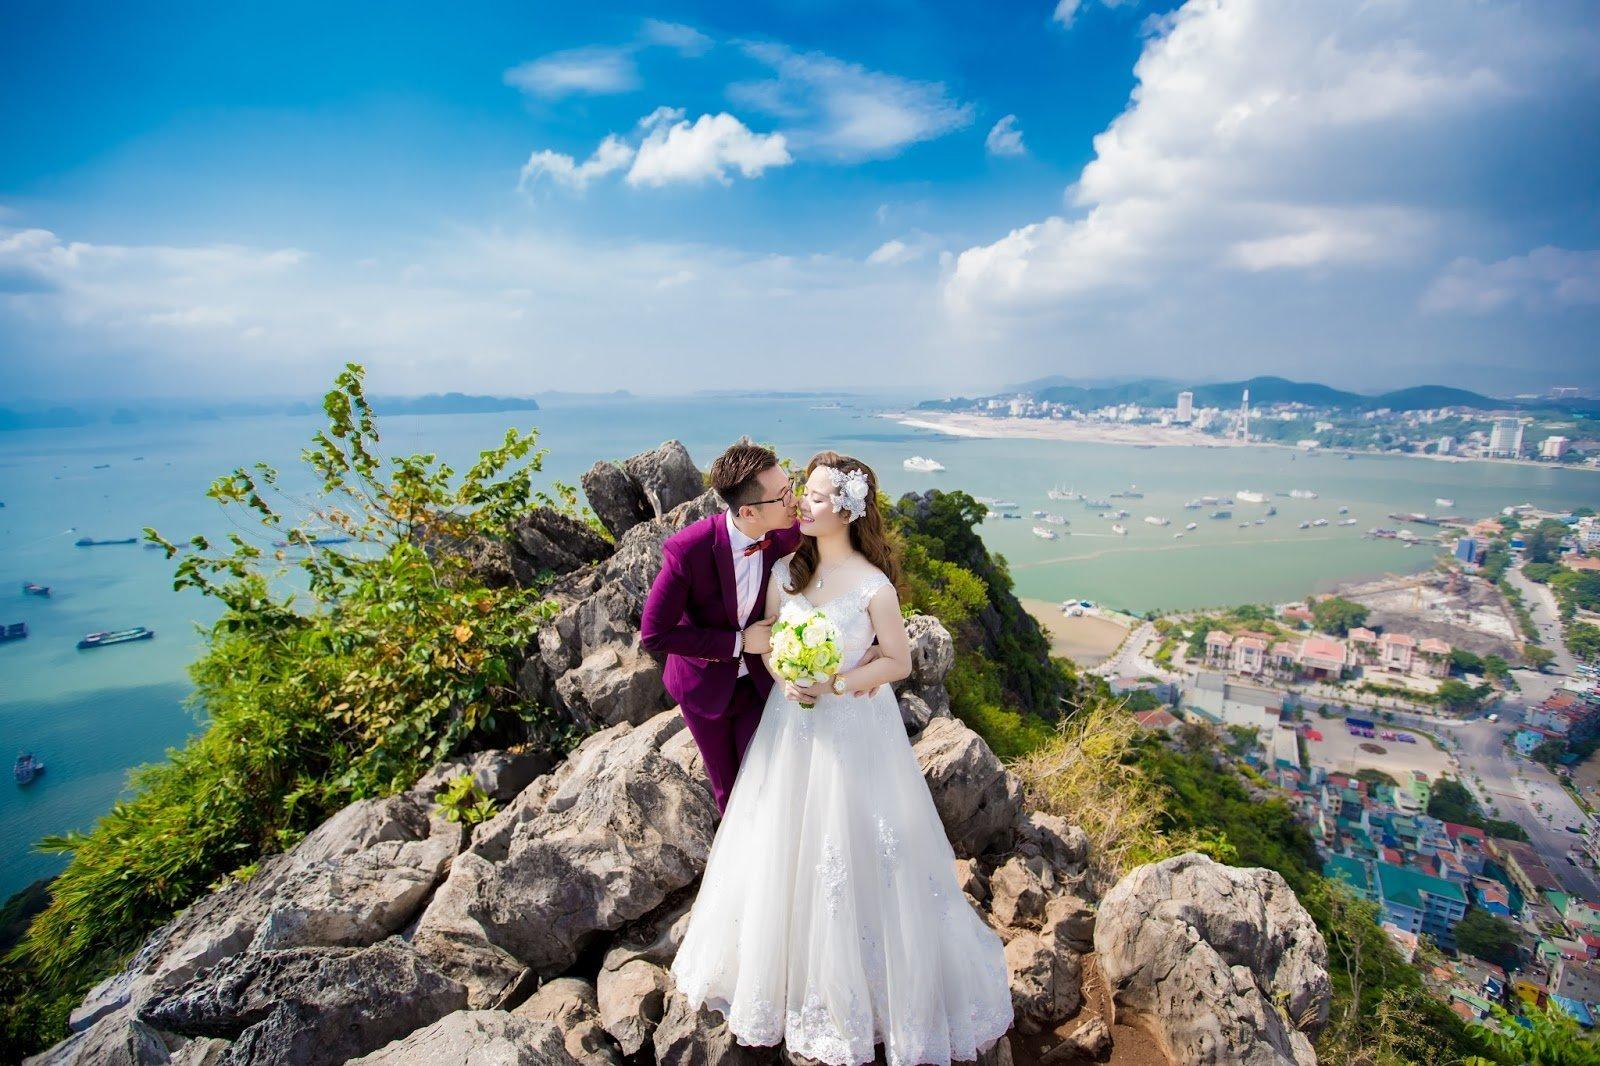 Chụp hình cưới tại Quảng Ninh